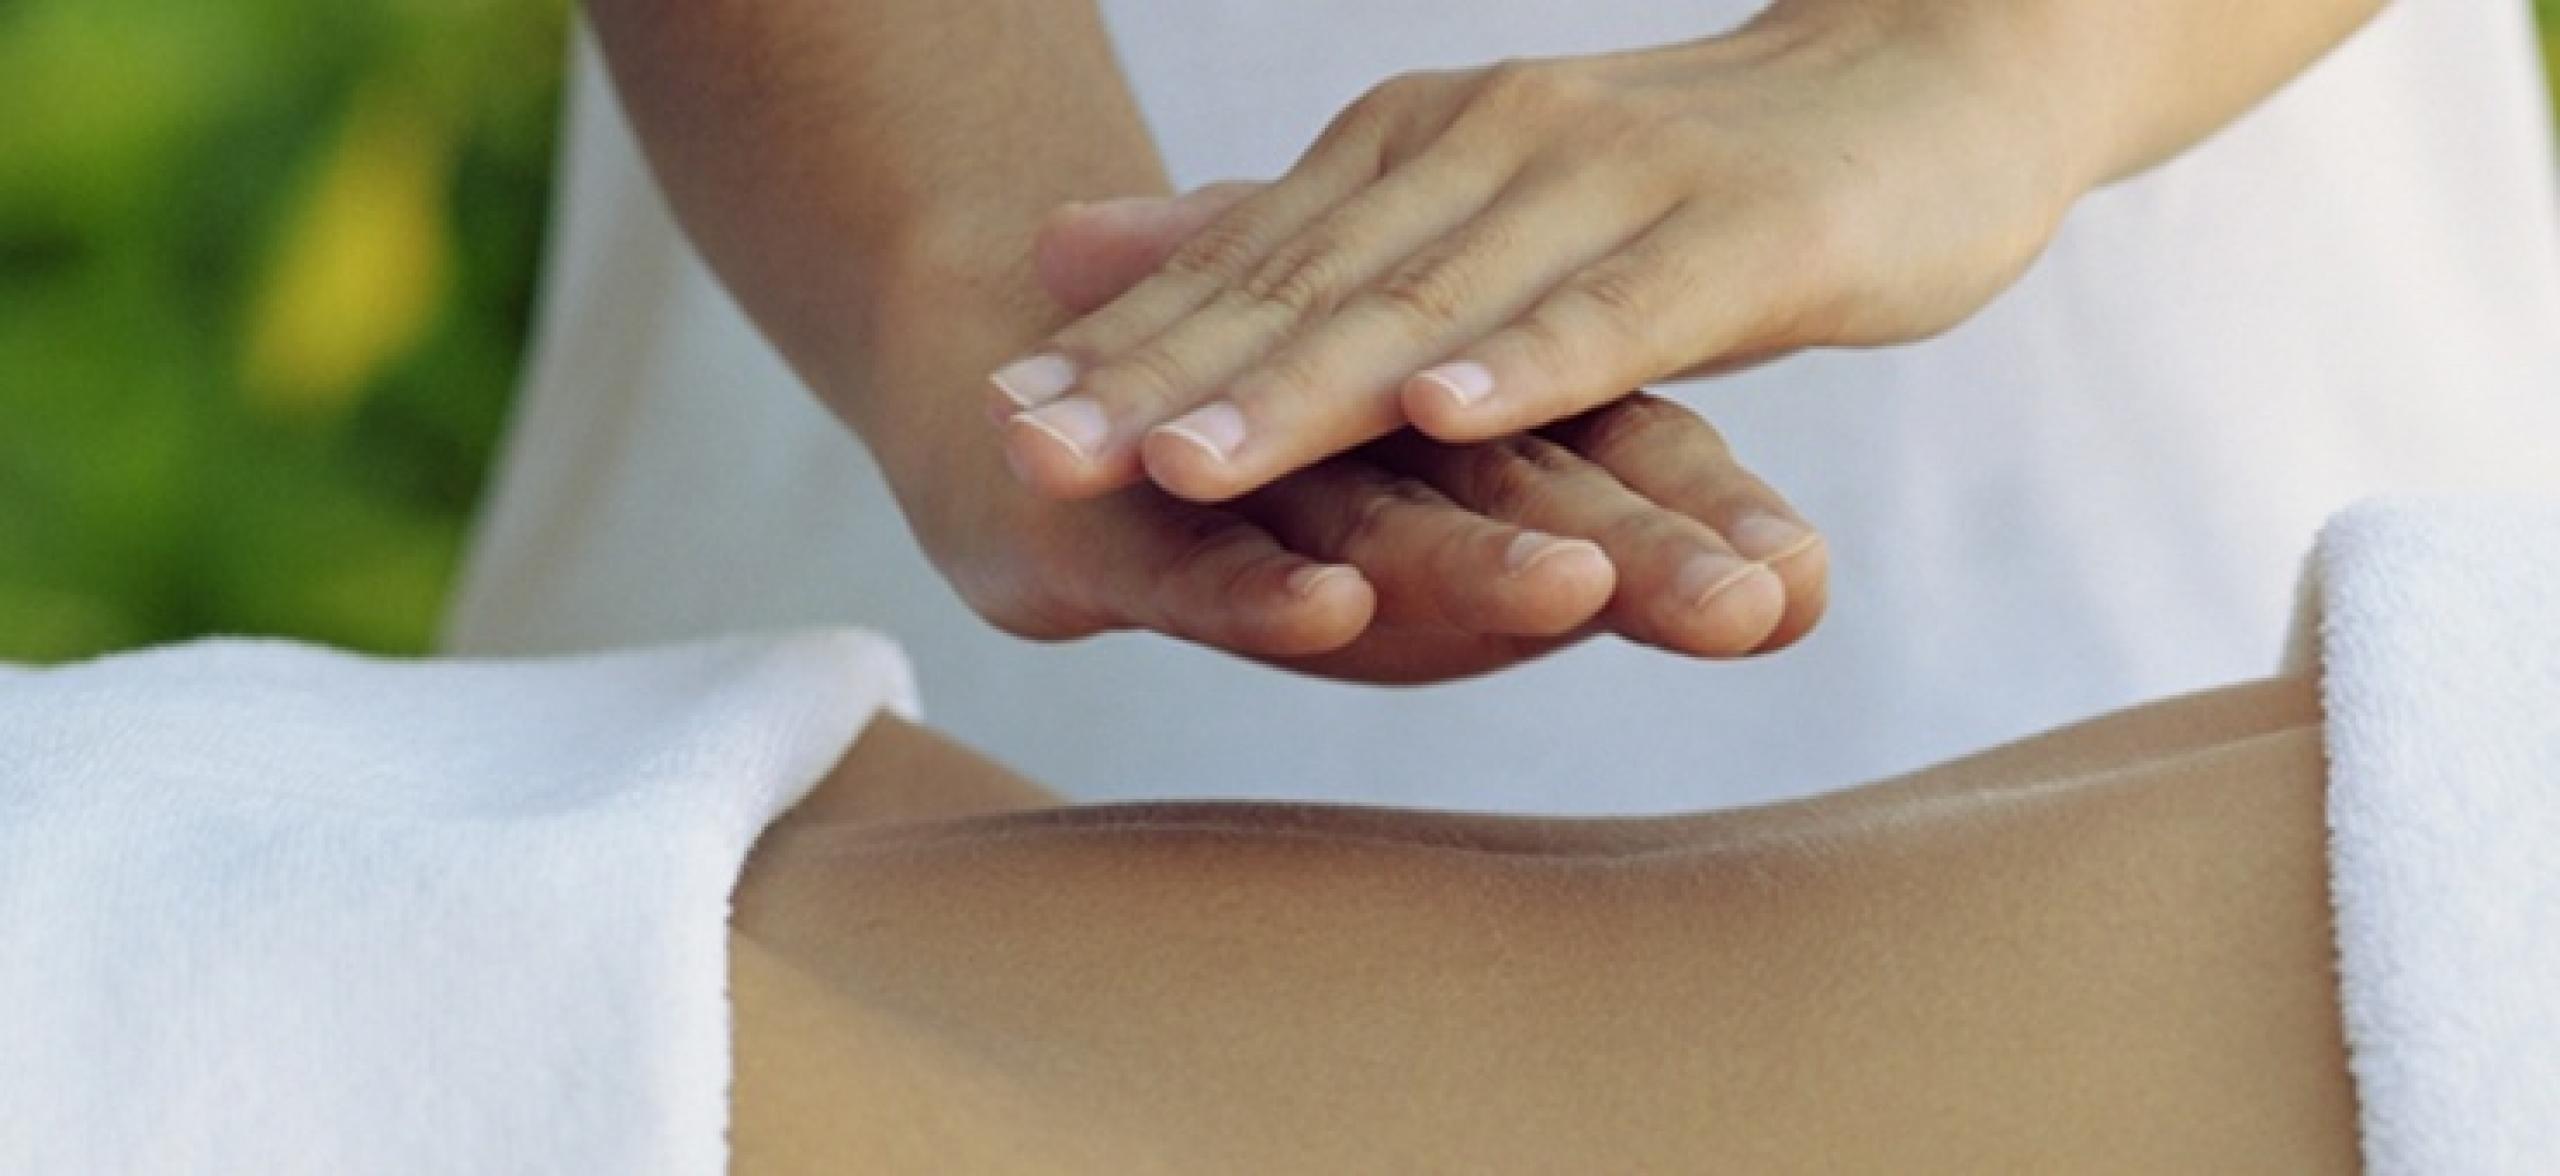 Секс проктологический массаж